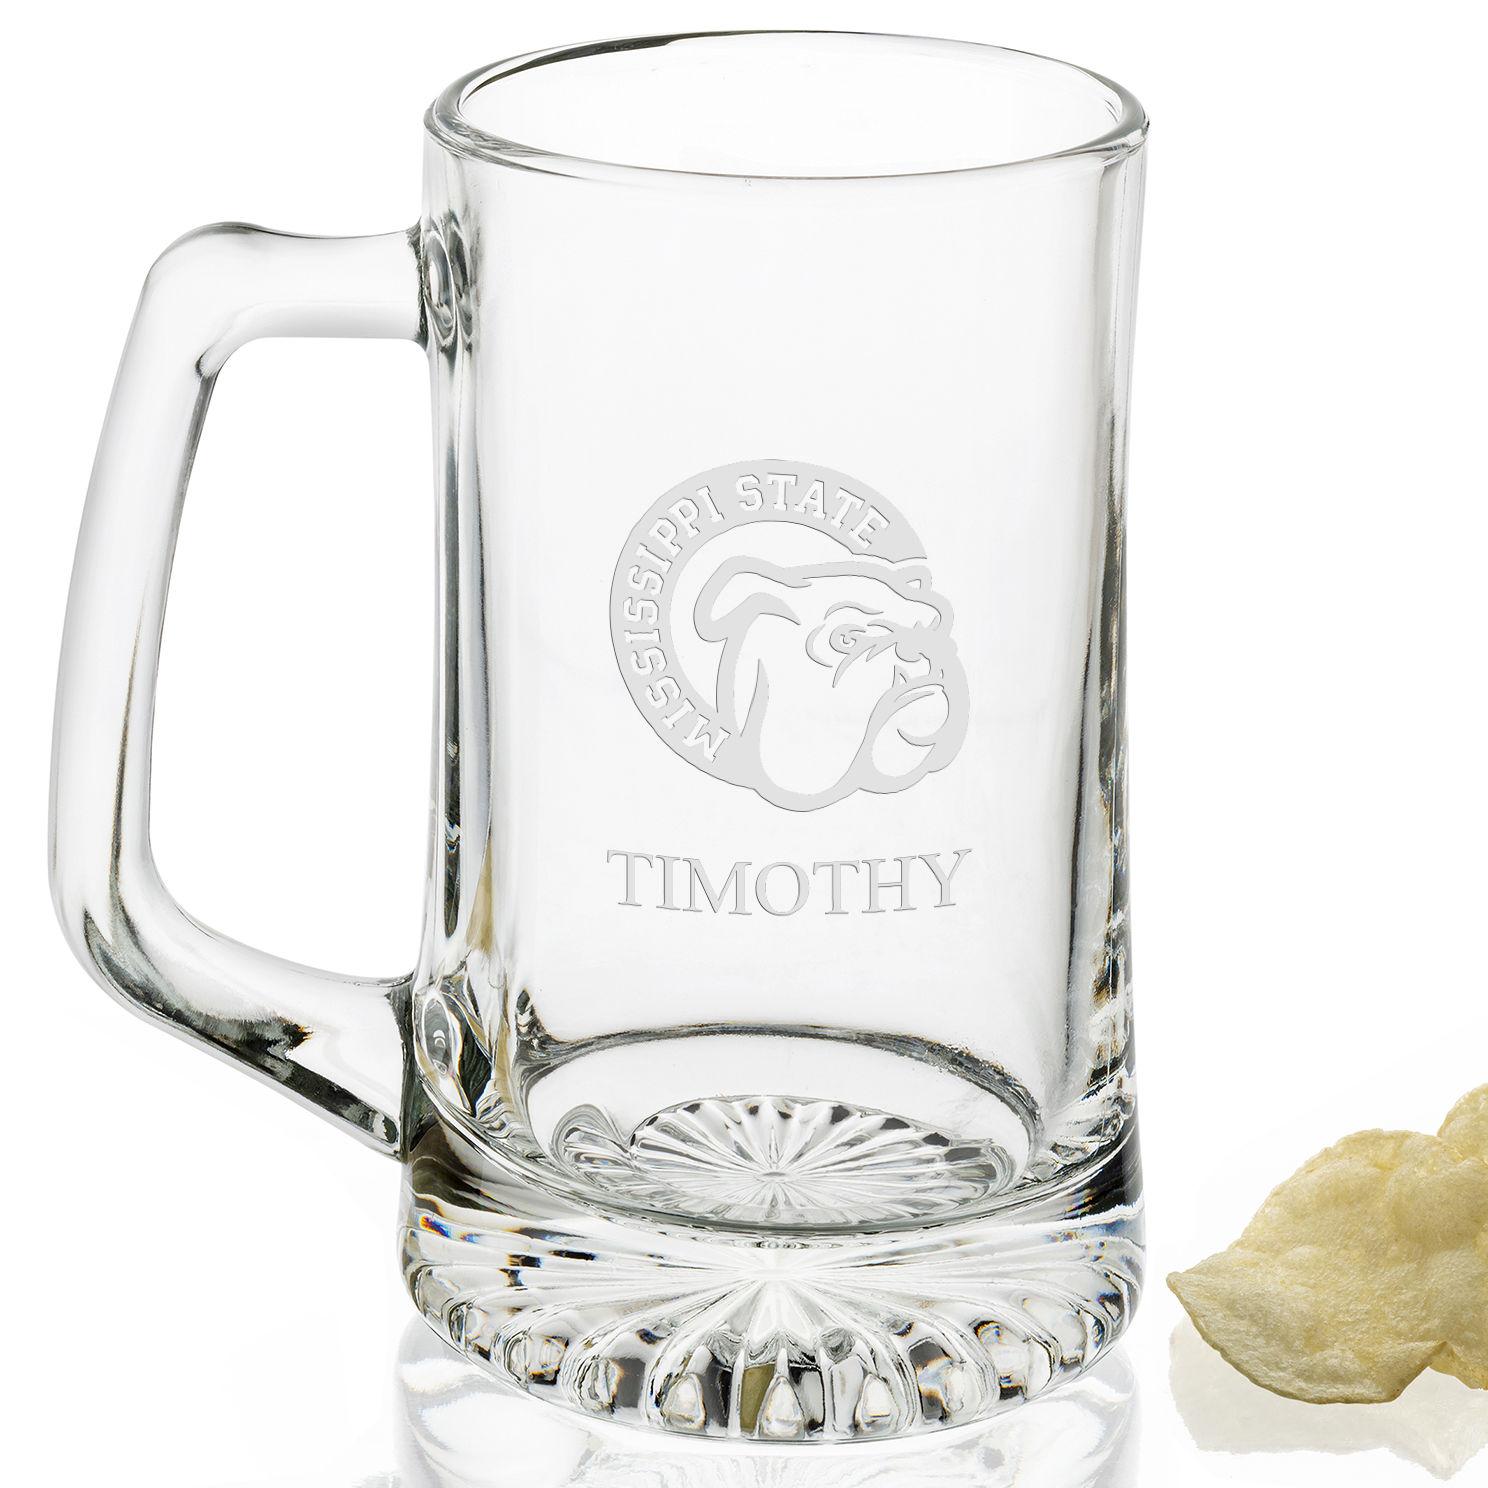 Mississippi State 25 oz Beer Mug - Image 2